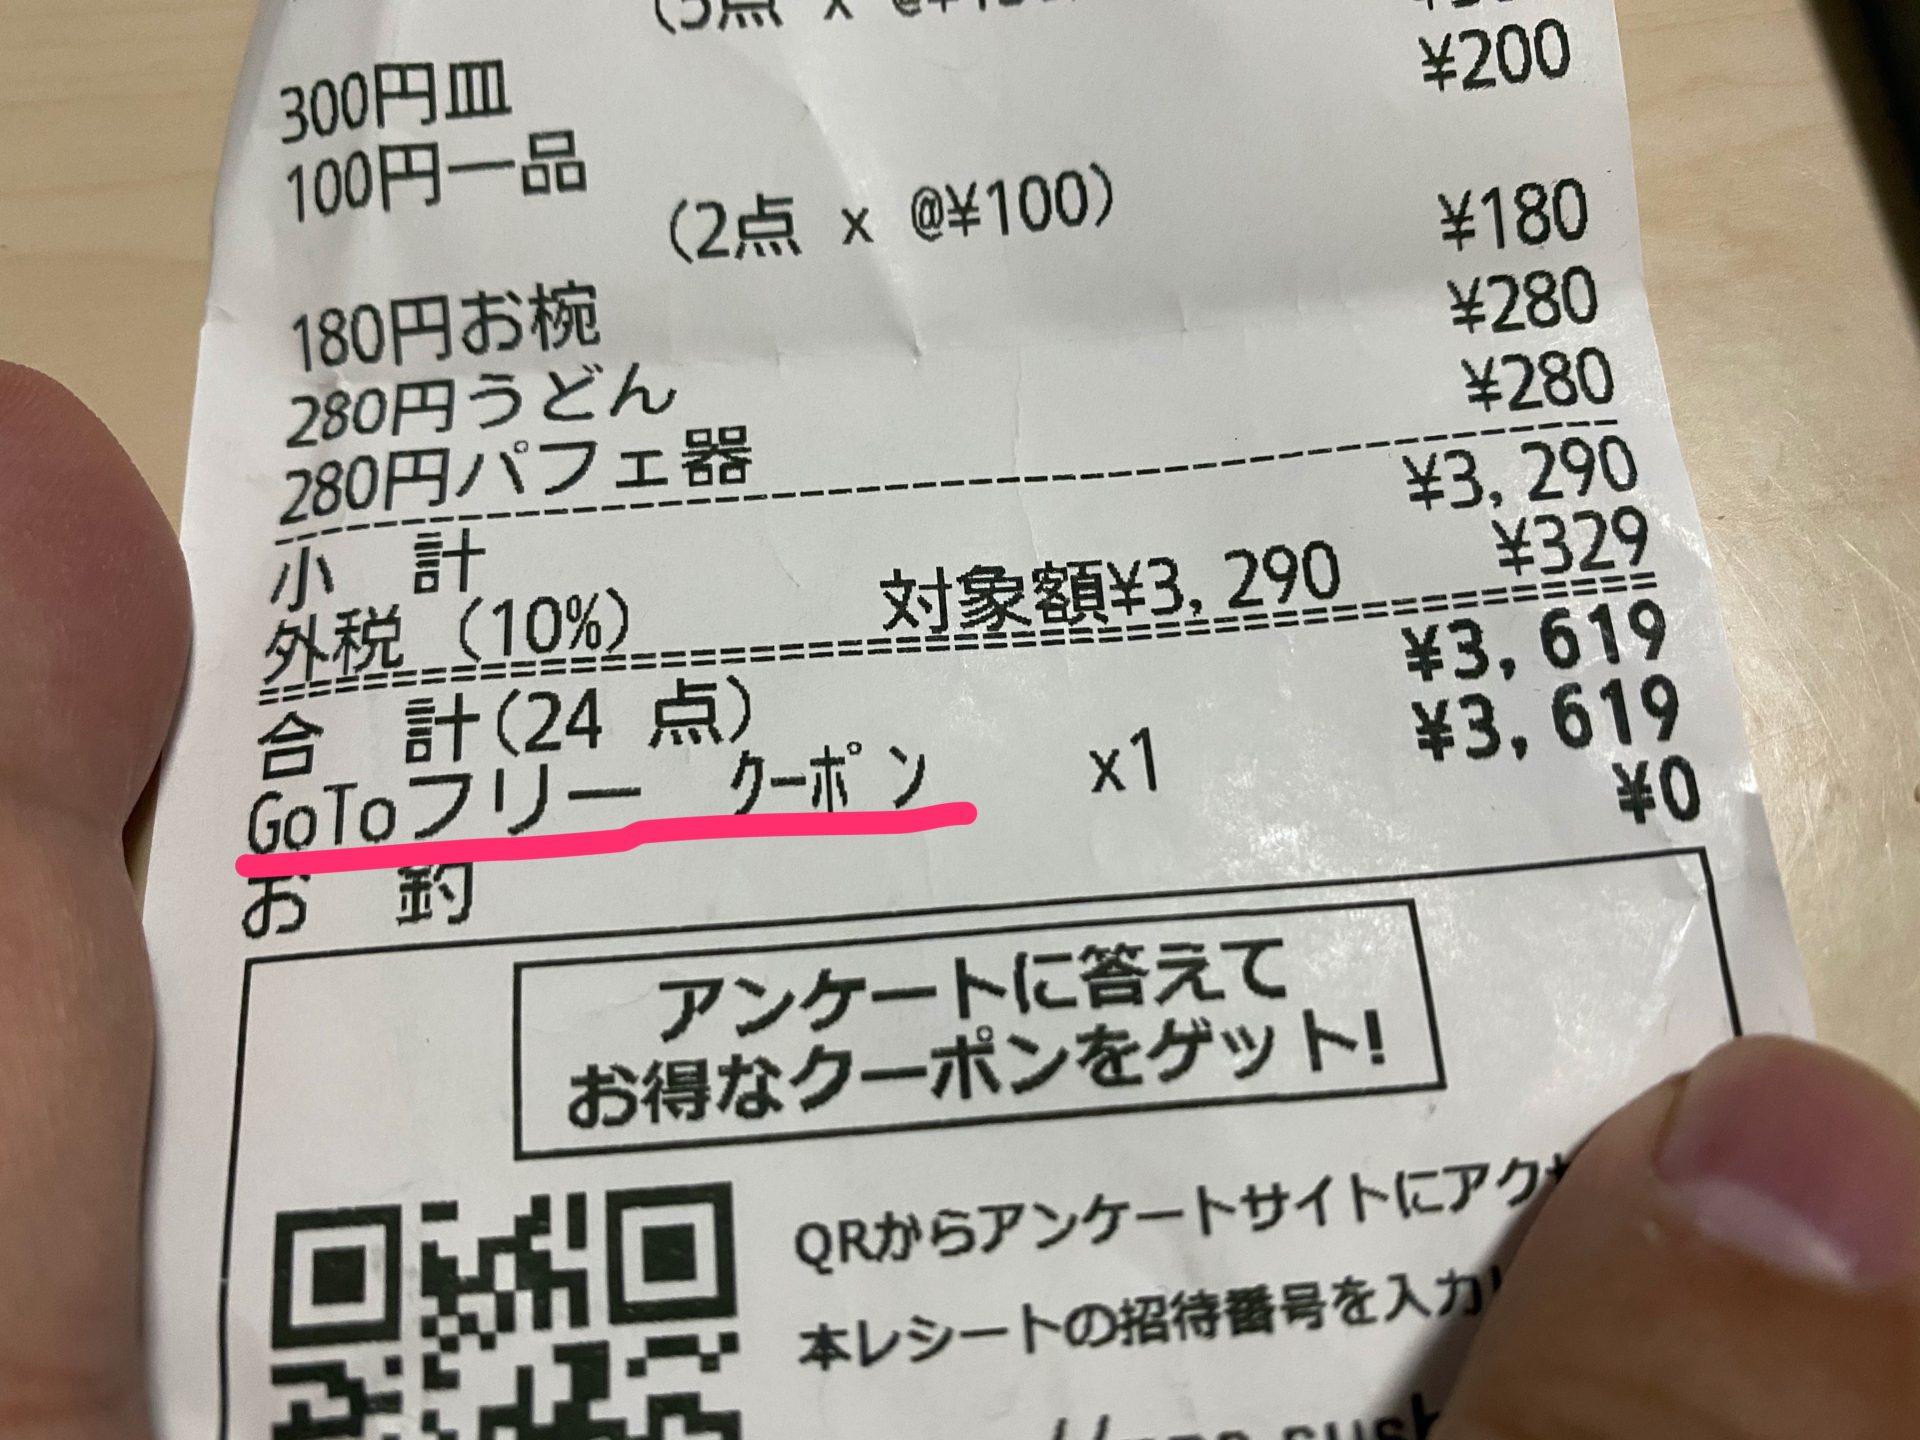 券 プレミアム 食事 くら 寿司